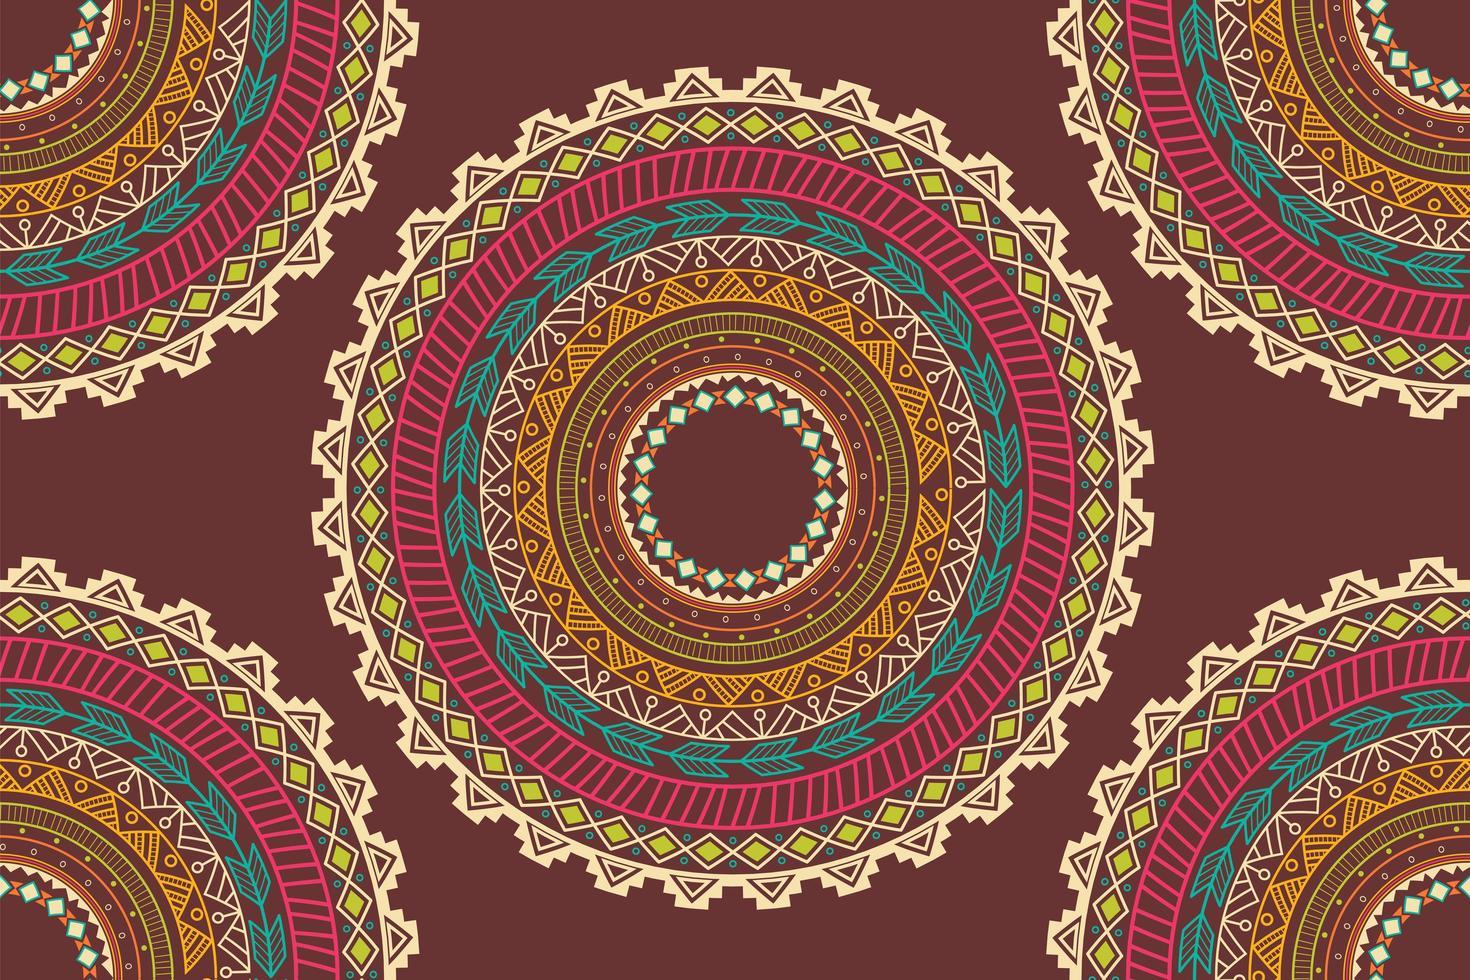 etnisk aztec cirkel prydnad sömlösa mönster vektor